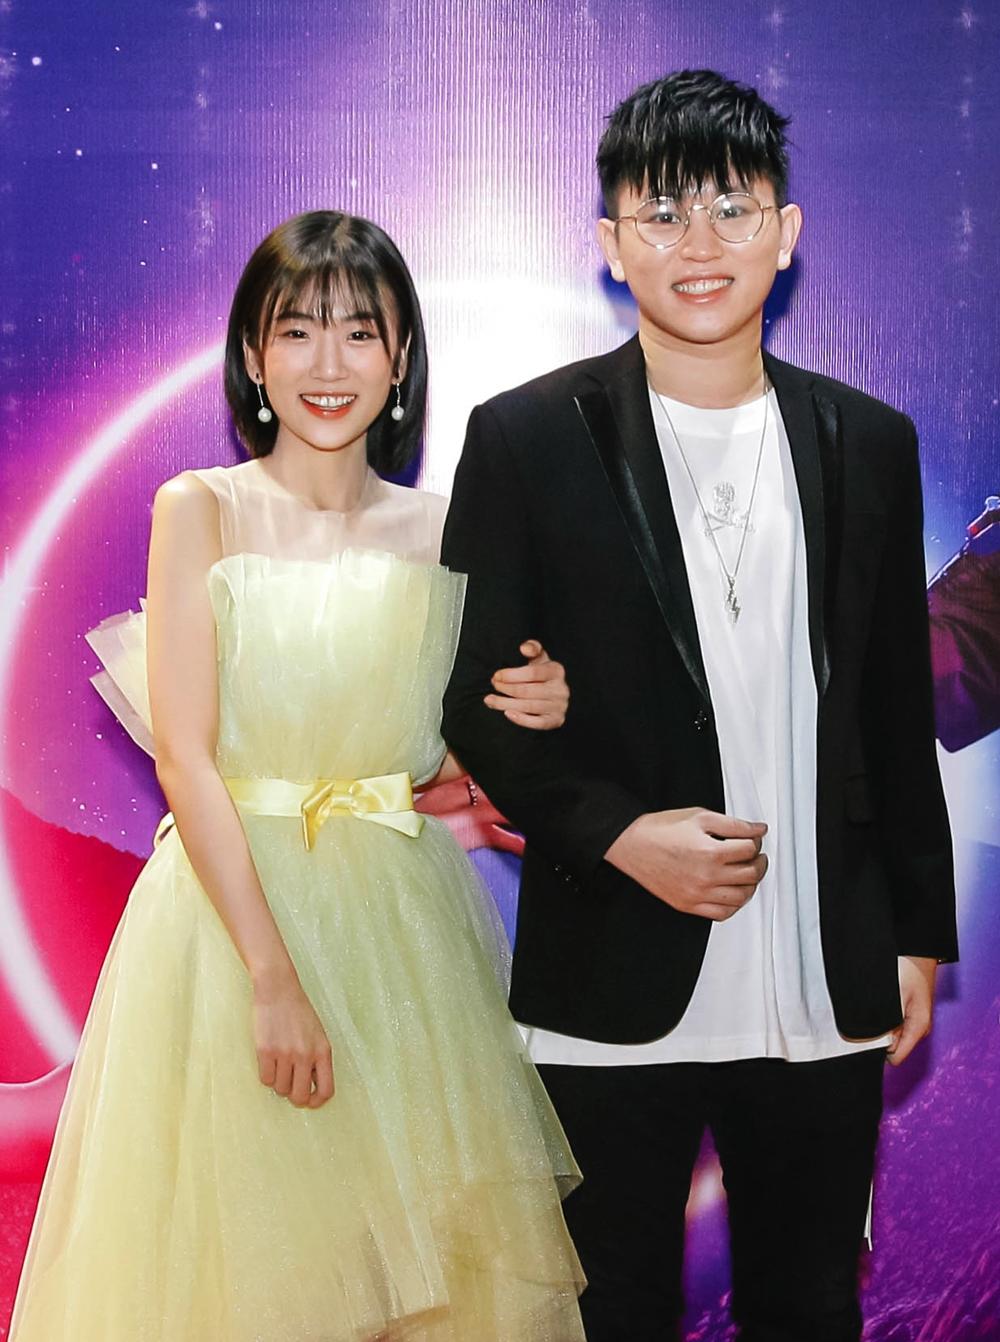 Trang Yue là tân binh của Vpop. Cô vừa cho ra mắt MV Thương anh, kết hợp với nam rapper nổi tiếng B Ray. Việc B Ray xuất hiện trong một sản phẩm cùng một gương mặt nữ gây chú ý bởi trước đó nàng thơ của anh là Amee, từng tạo nên các bản hit như... Lần này, Trang Yue sẽ thay thế Amee khiến fan B Ray cũng được dịp xôn xao.